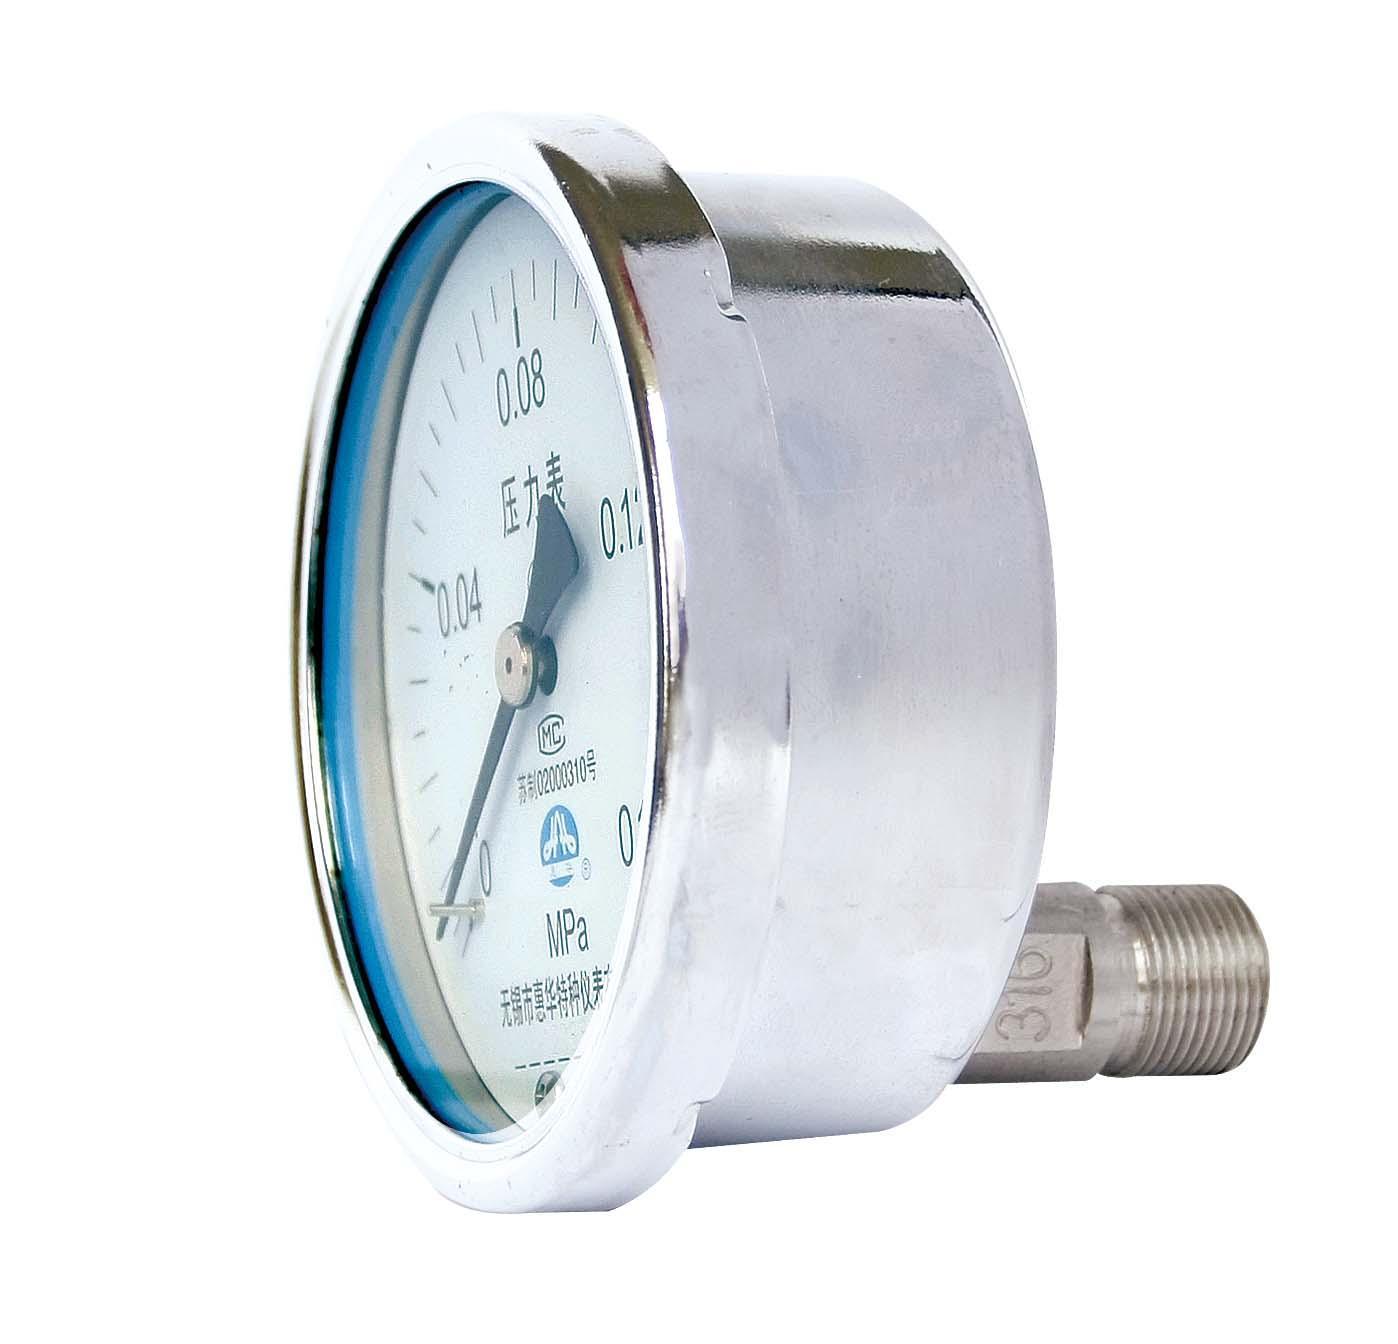 不鏽鋼壓力表 不鏽鋼真空壓力表 不鏽鋼彈簧管壓力表 6